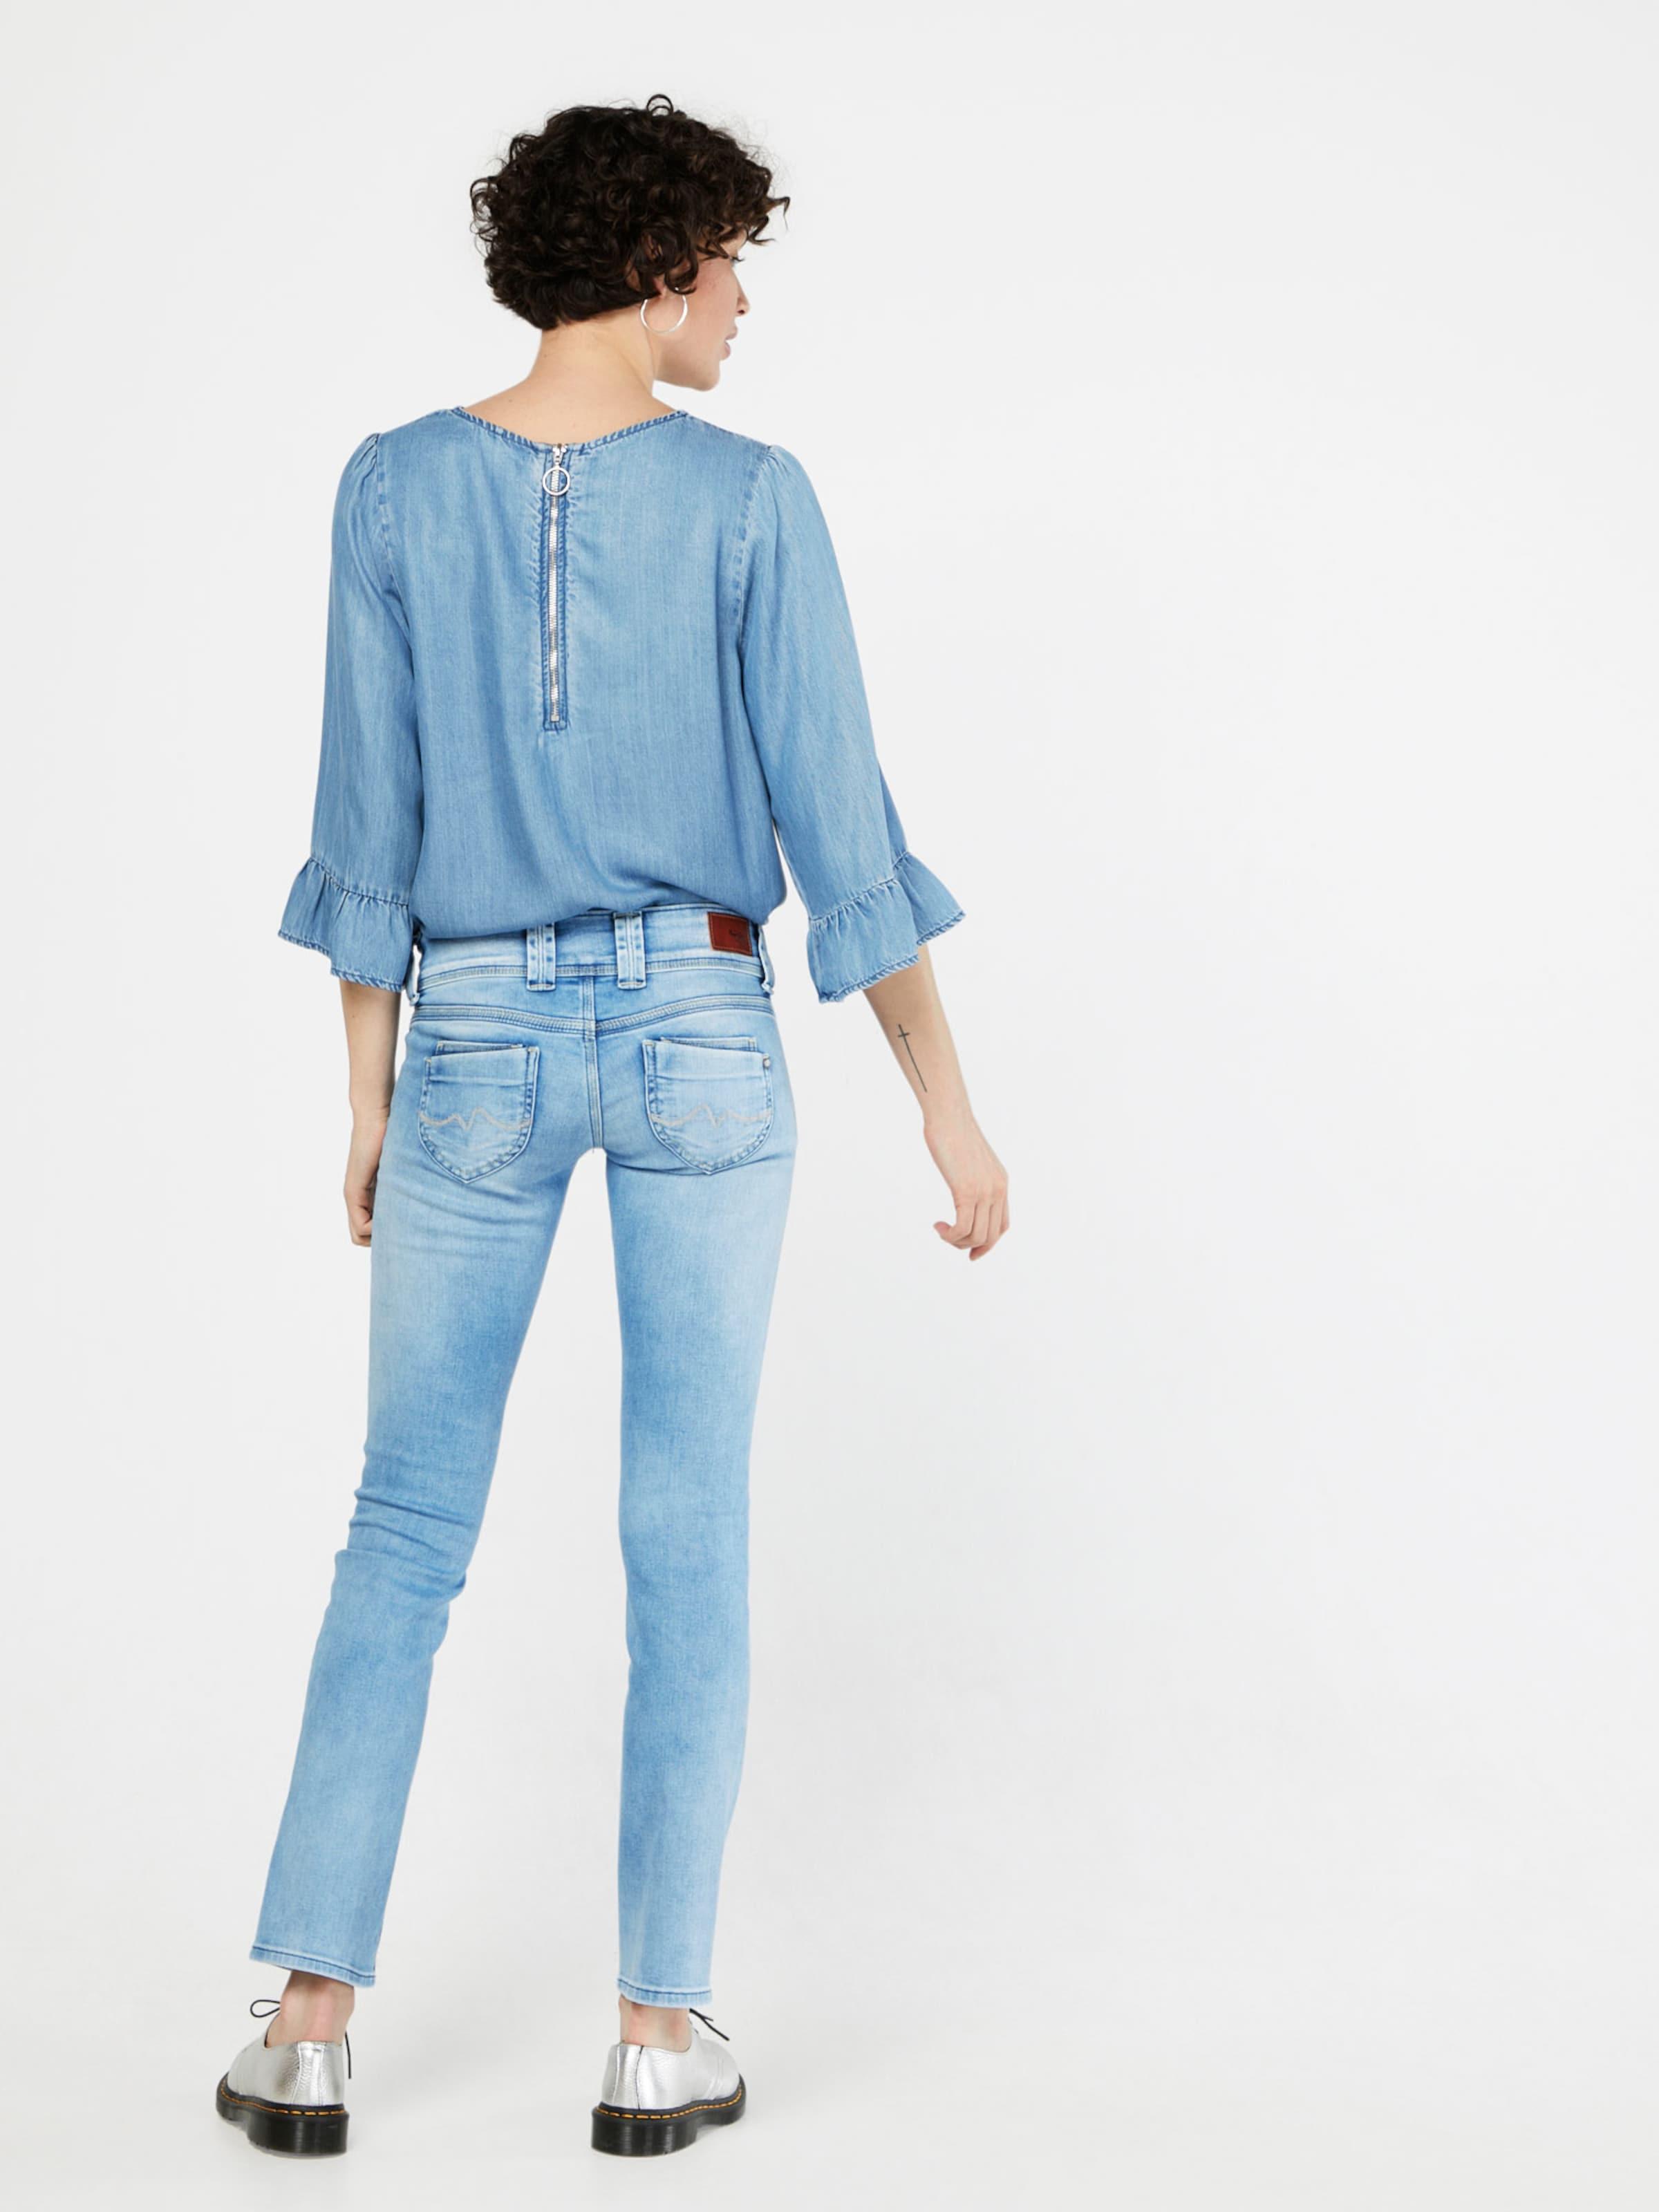 Pepe Jeans 'Venus' Straight Leg Jeans Sneakernews Günstig Online Factory Outlet Günstig Online Fälschung Günstiger Preis Neue Ankunft Zum Verkauf Nd8EM